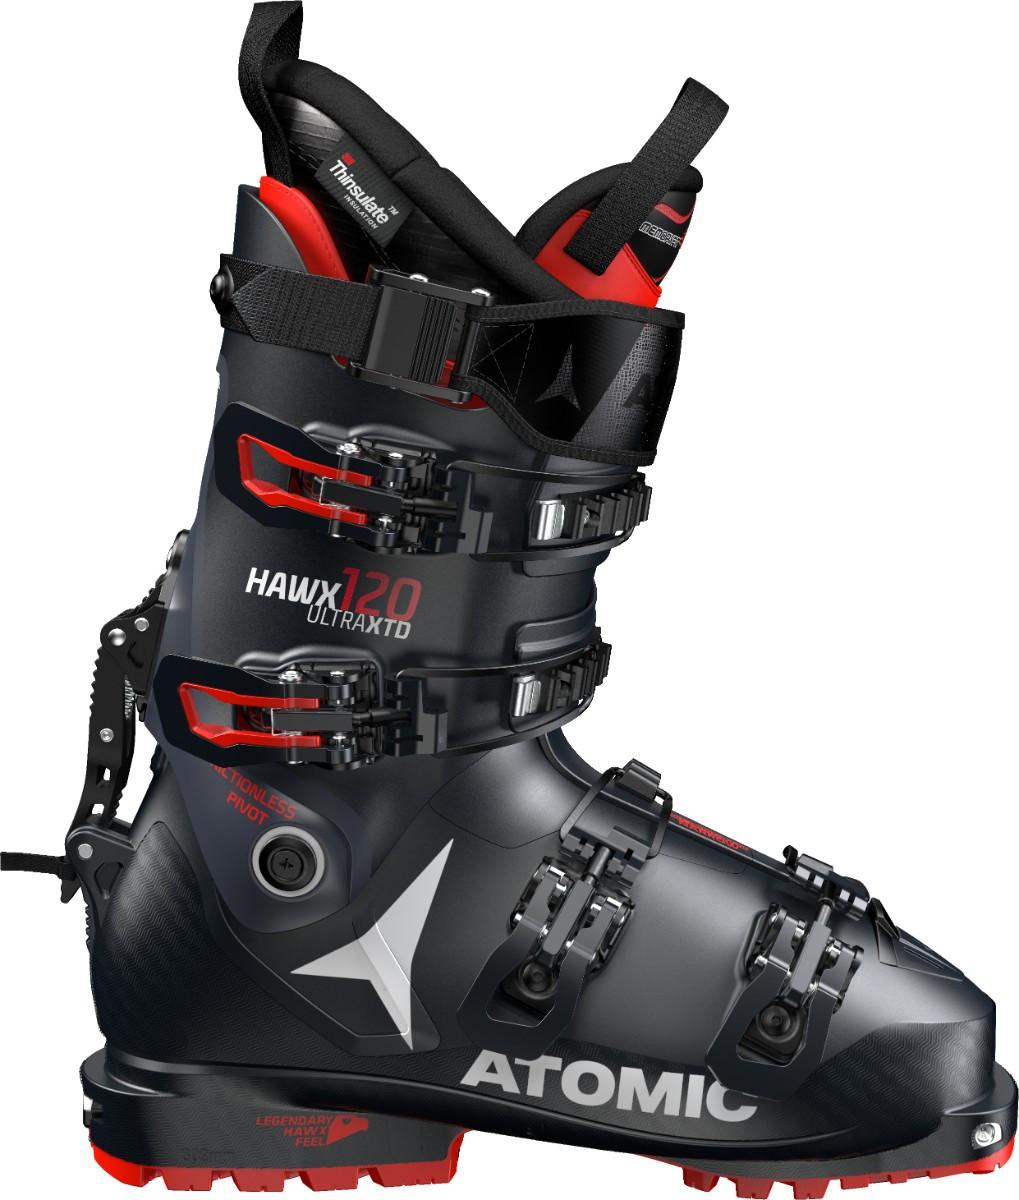 Atomic Hawx Ultra XTD 120 Délka chodidla v cm: 27.0/27.5 2019/2020